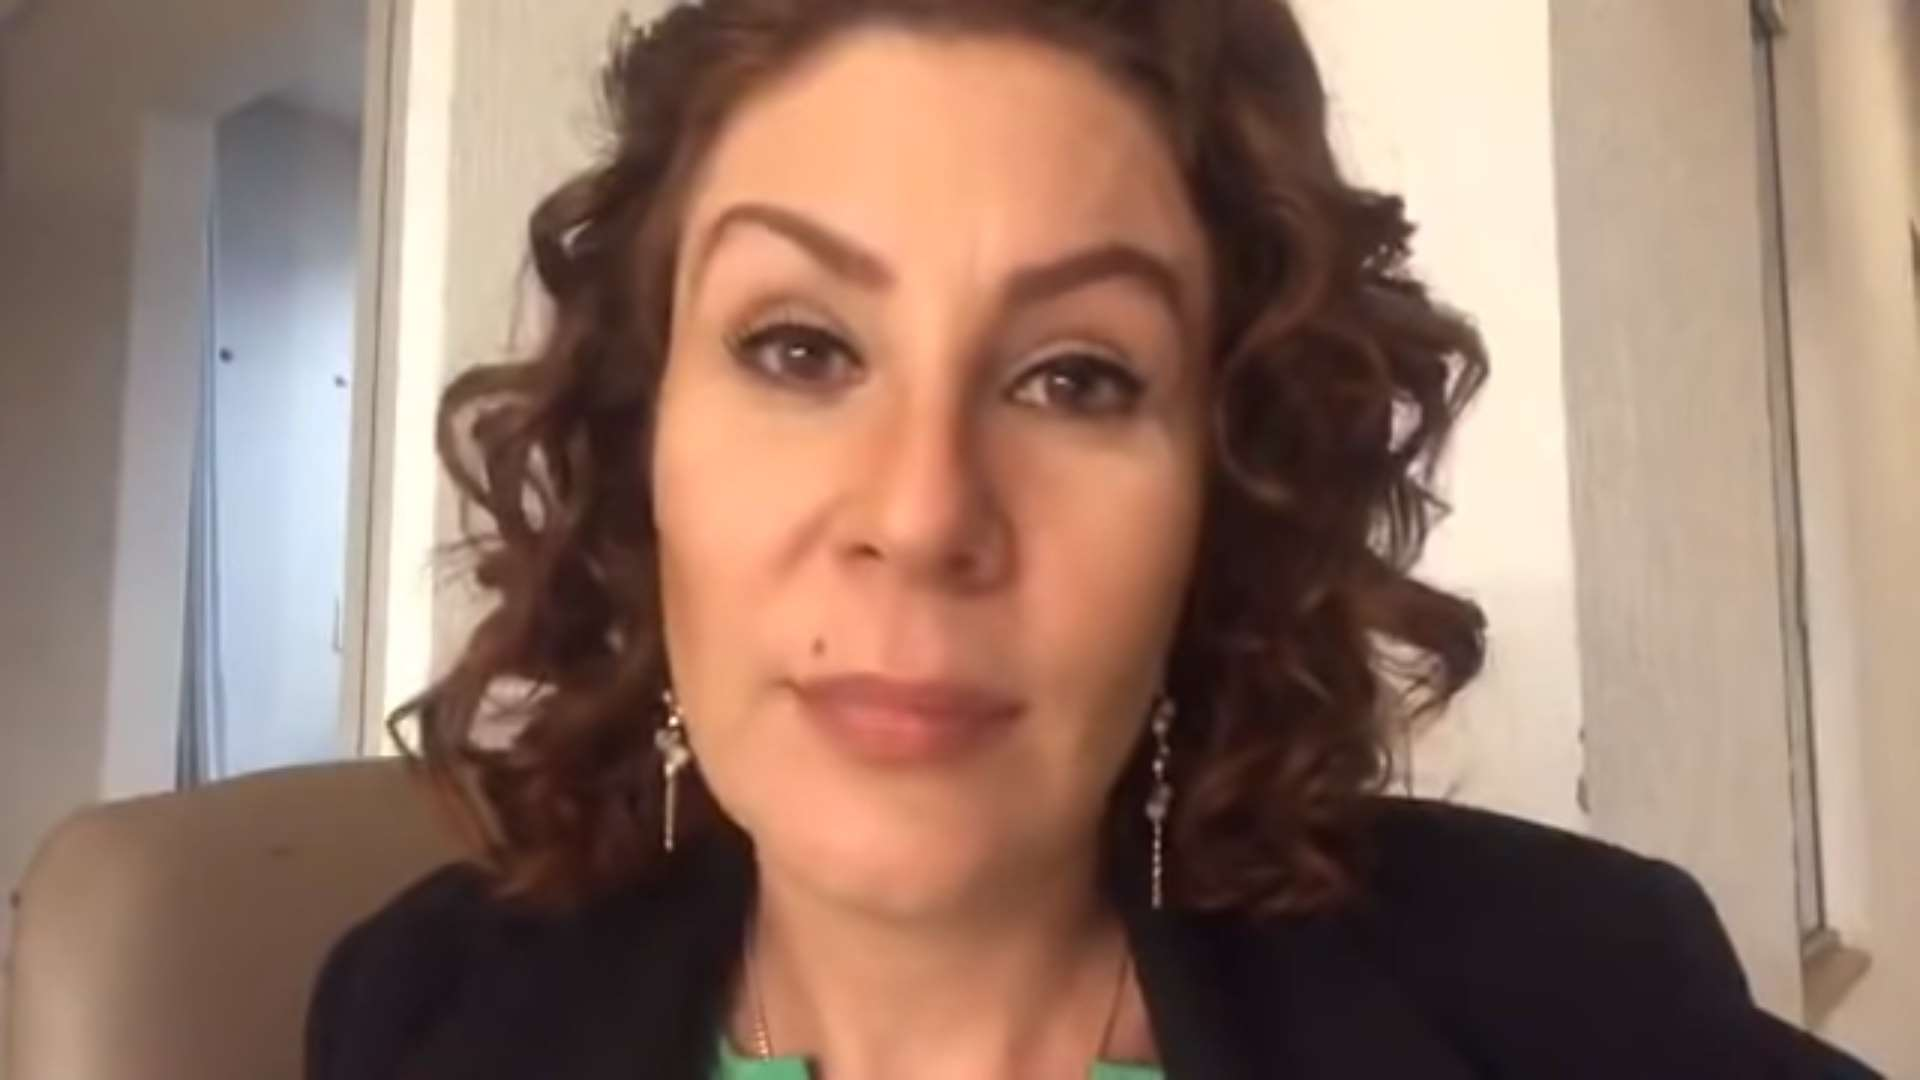 Deputada Carla Zambelli chora e volta a ameaçar ministros do STF: 'Vou contar quem são'